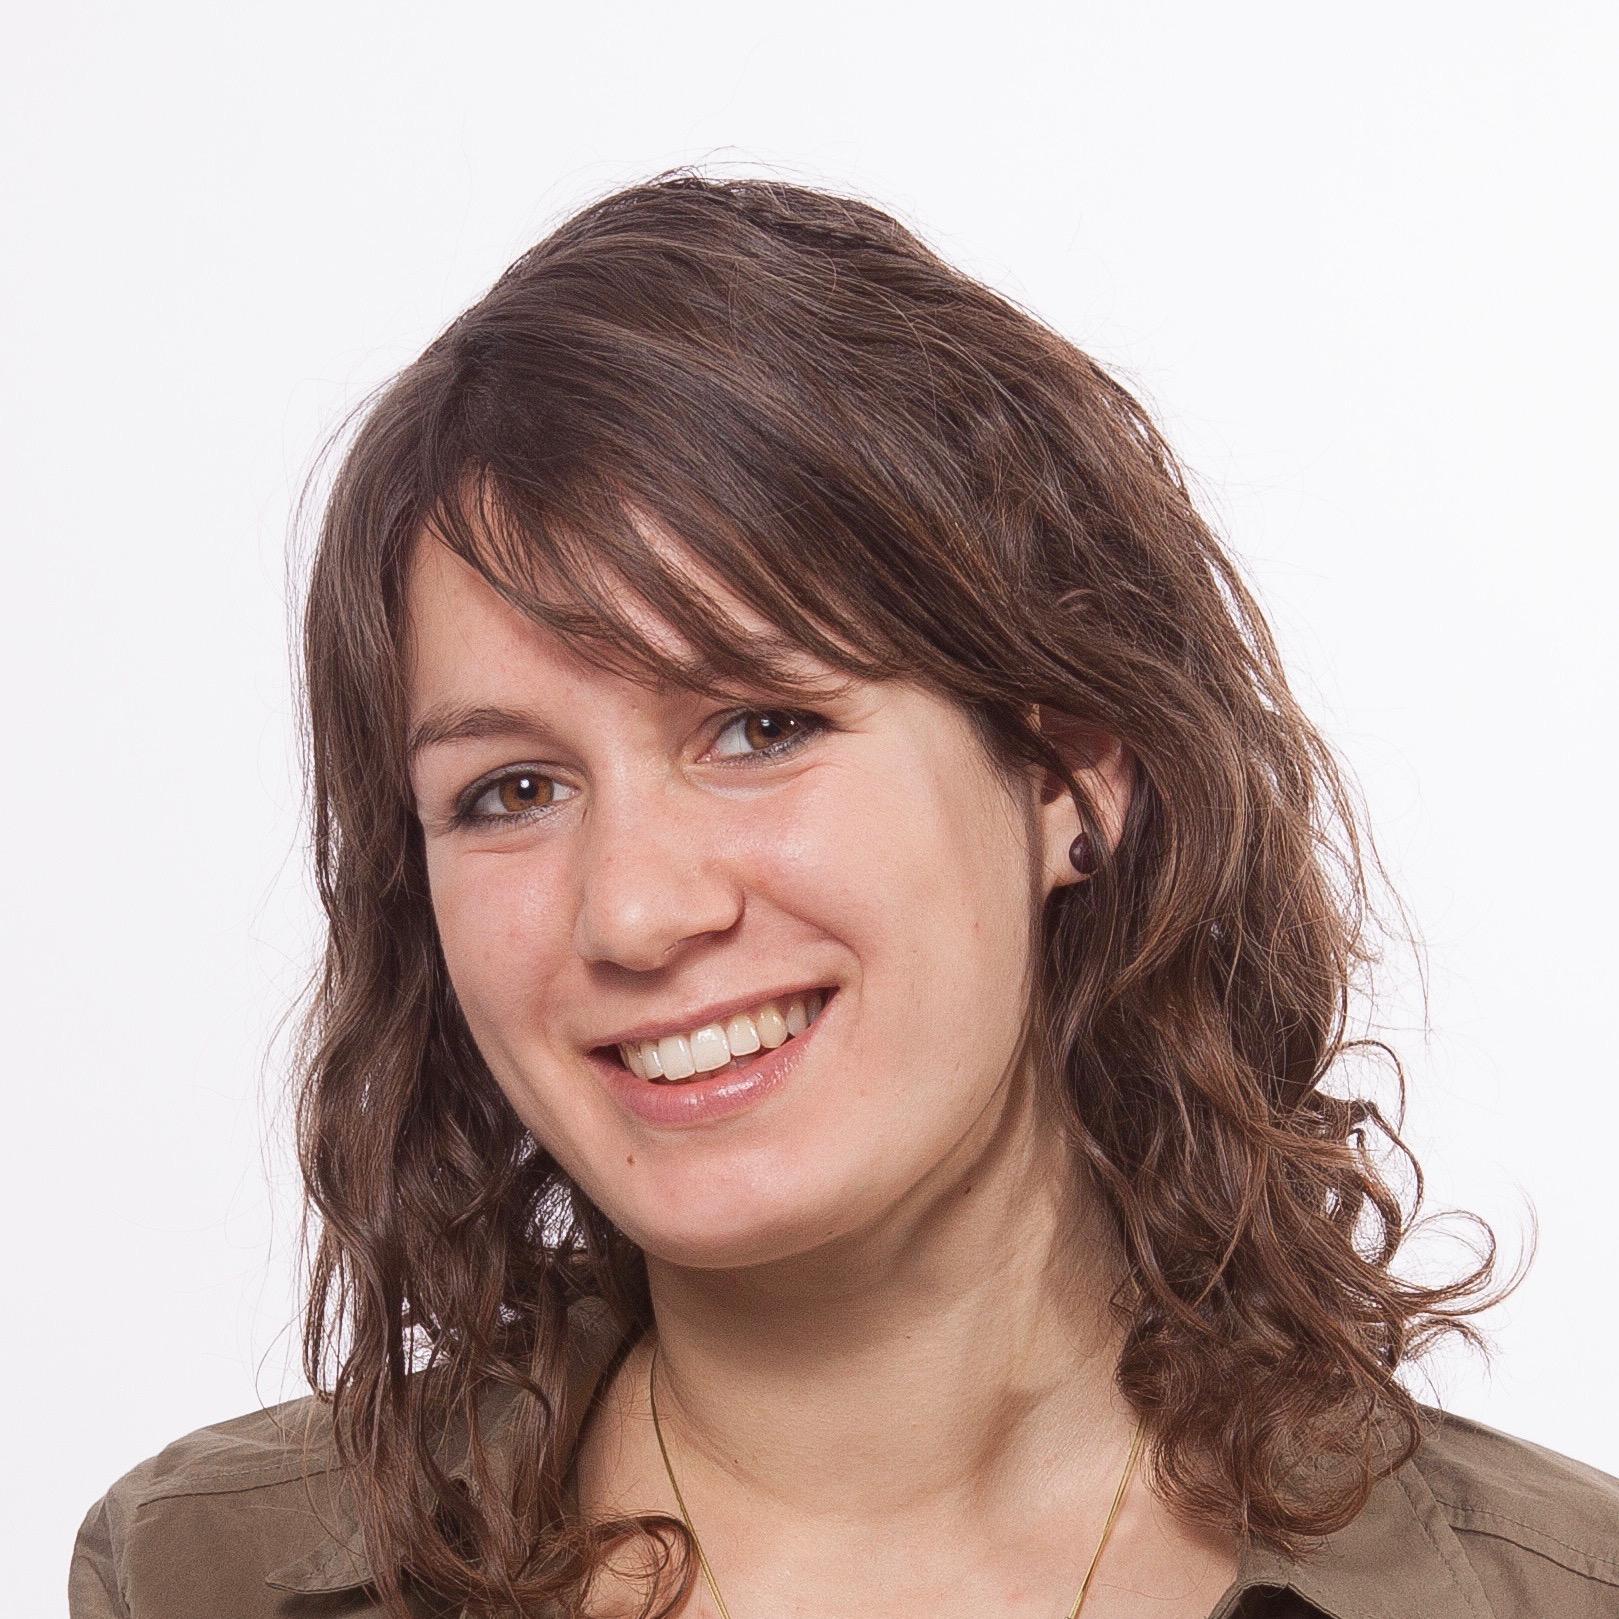 Hannah Freudenberg